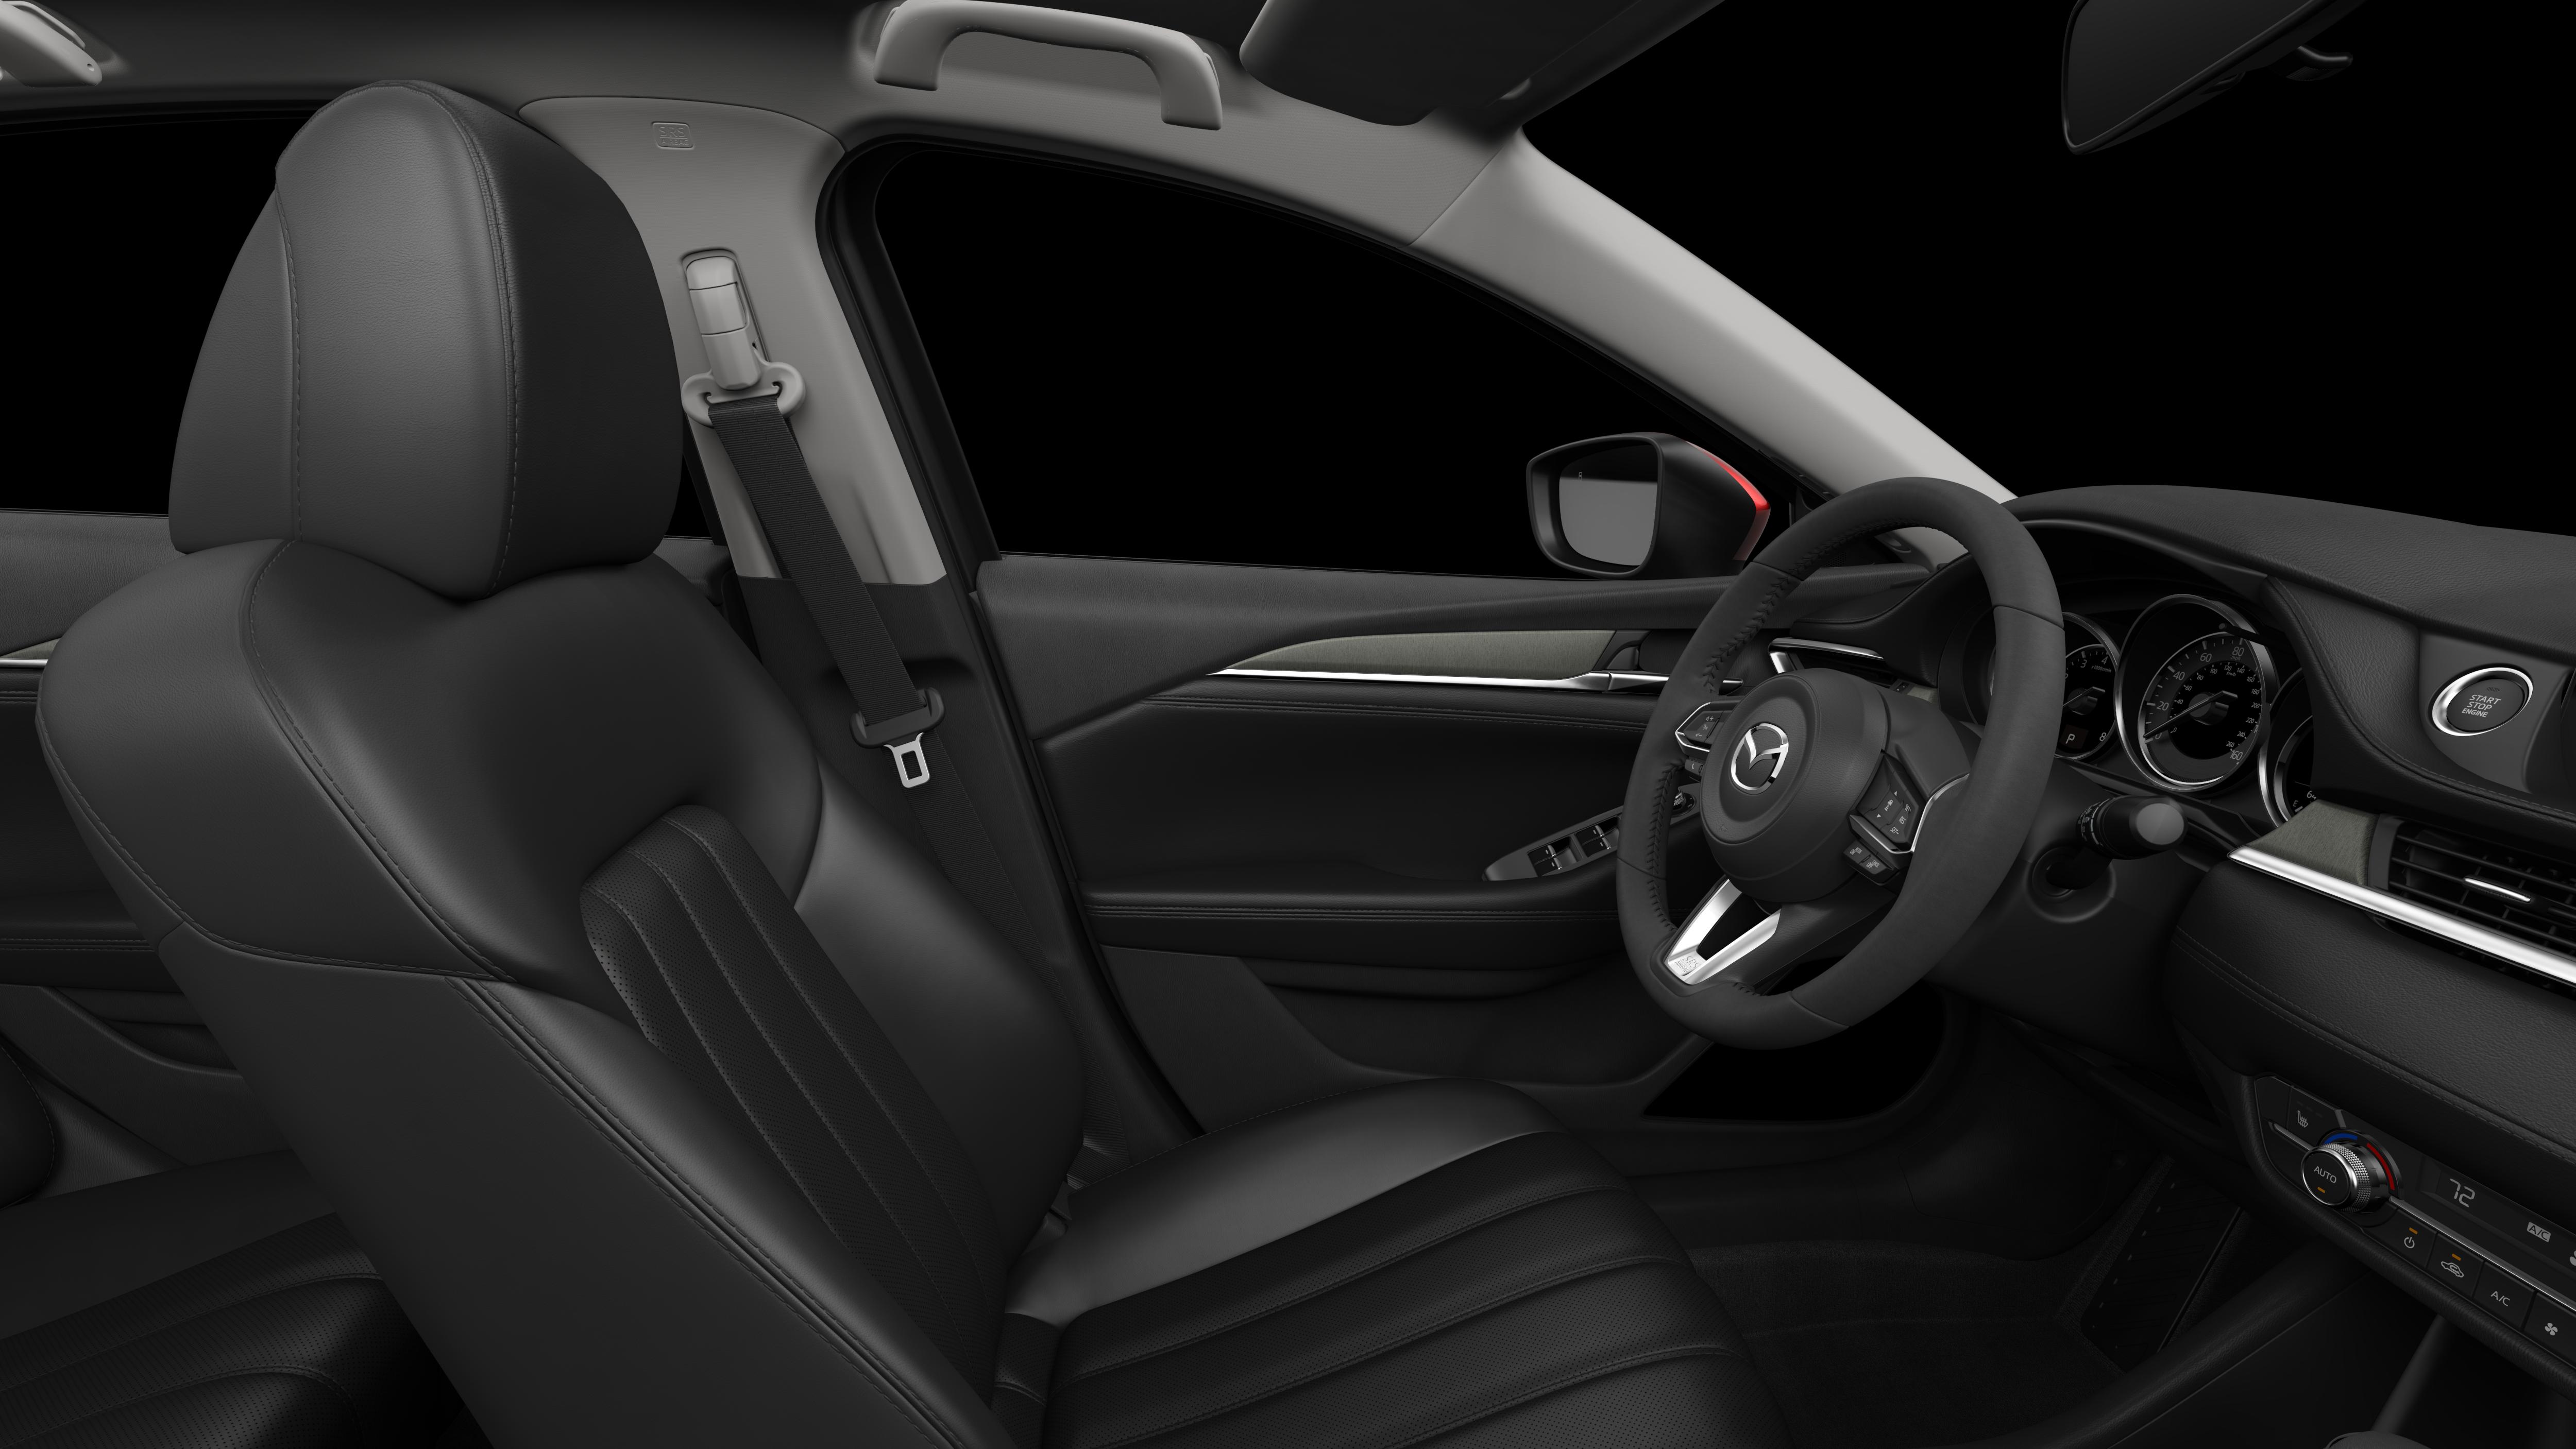 2018 Mazda6, Black Leather